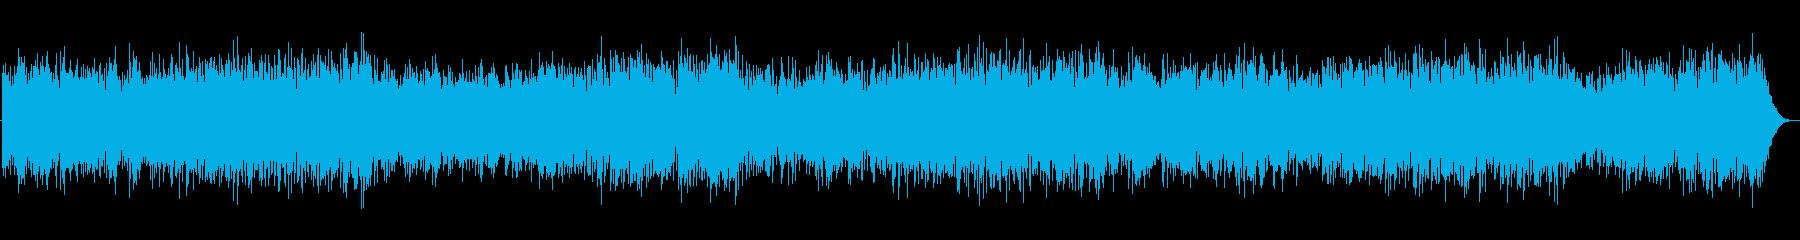 優しい疾走感 感動系カントリー生演奏の再生済みの波形